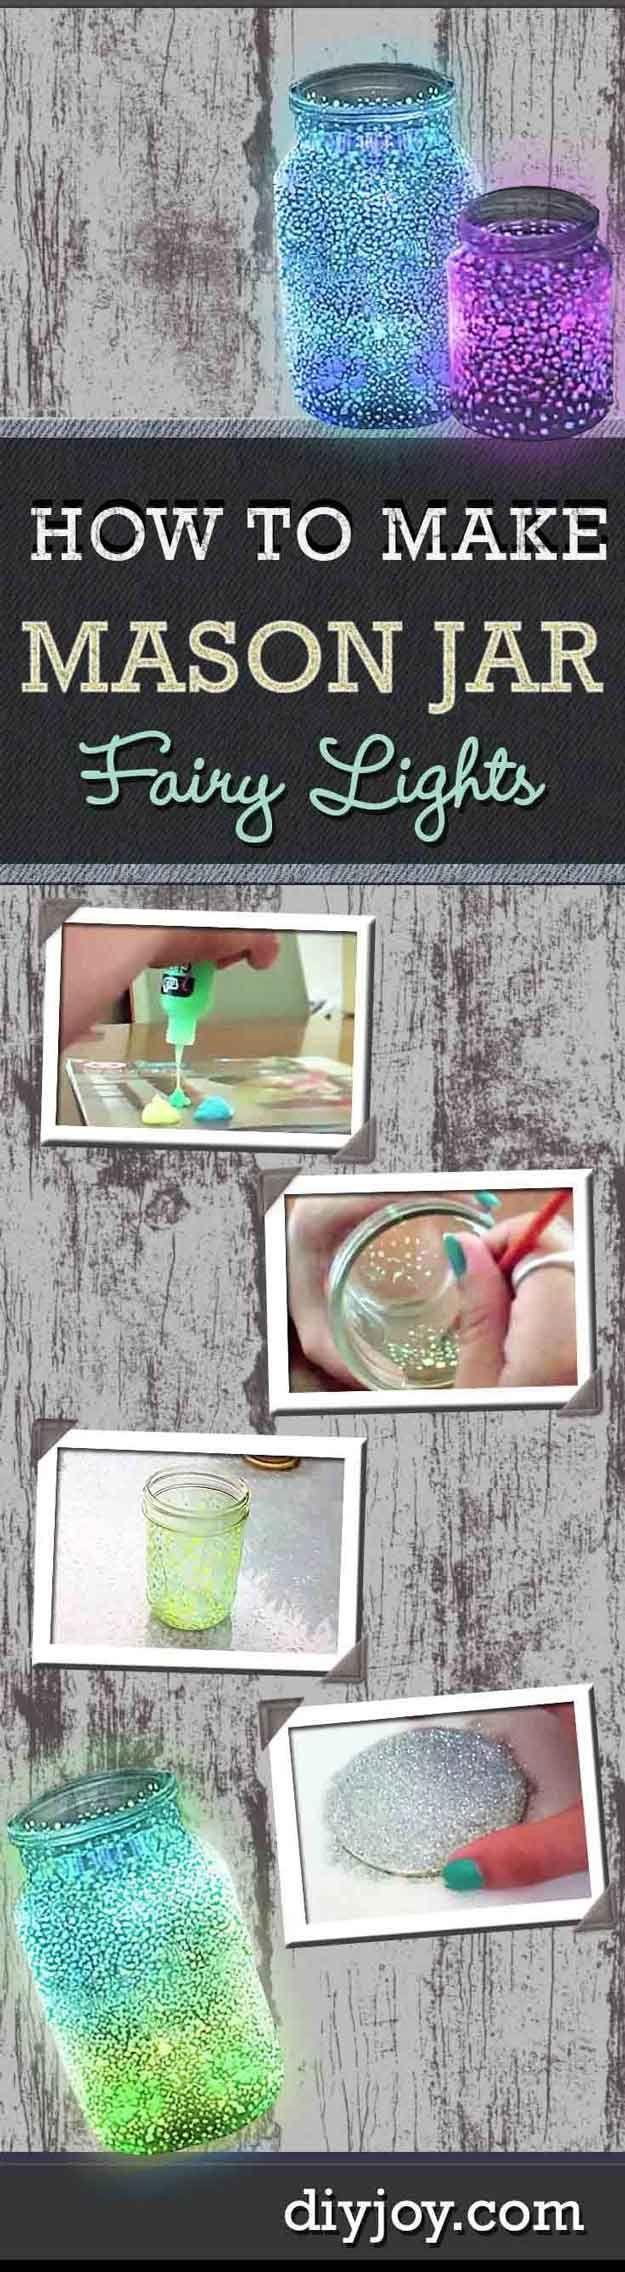 Hada Luz Dormitorio Decoración Ideas para Chicas | http://artesaniasdebricolaje.ru/easy-teen-room-decor-ideas-for-girls/